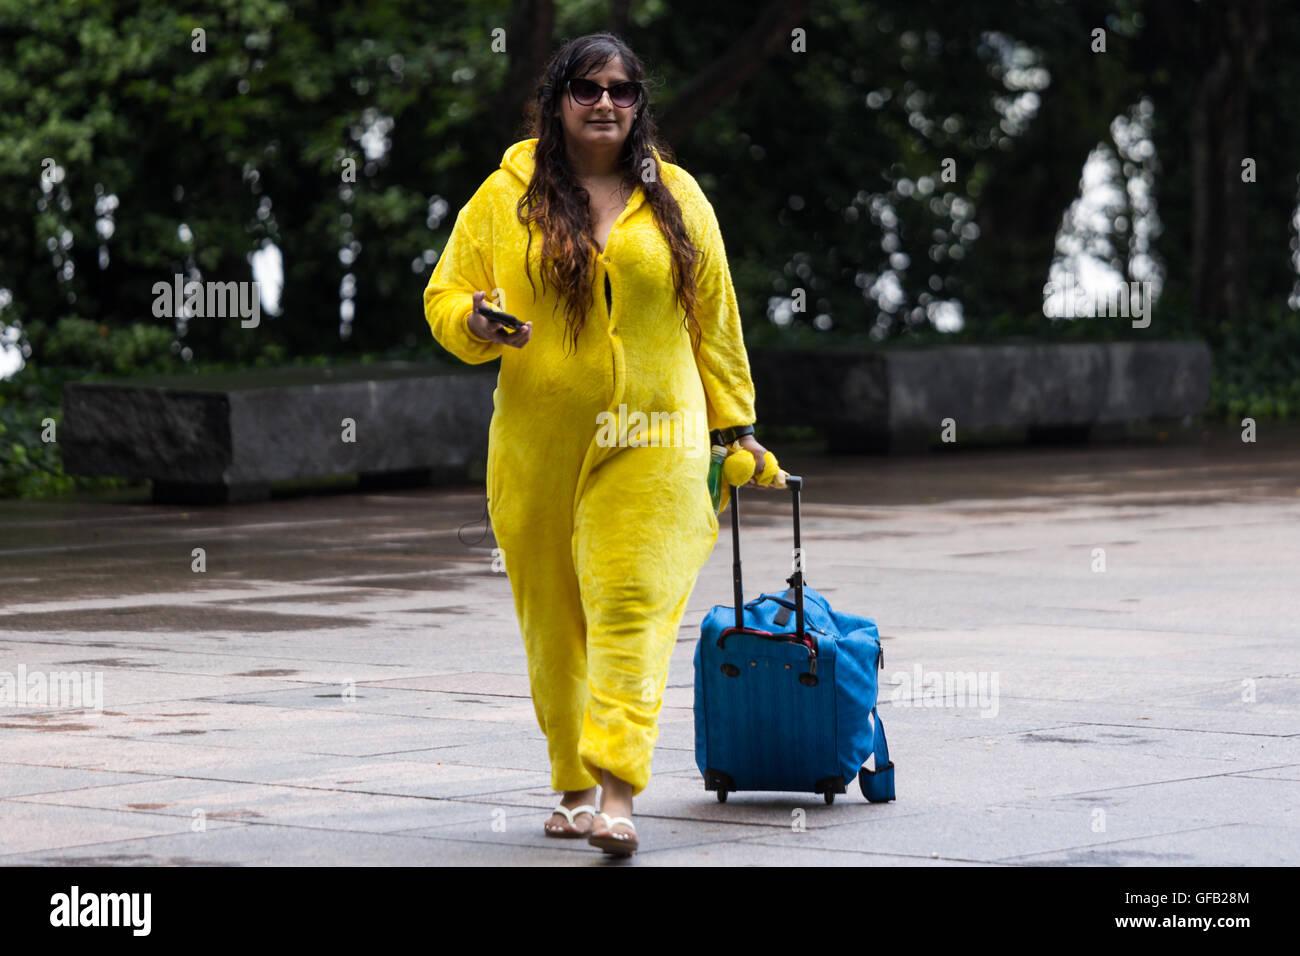 Aaleeya Ein Team Instinkt Freiwilligen Trgt Pikachu Kostm An Luggage Tag Einem Feuchten Und Heien Die Leute Sich Gergert Aufgeregt Ber